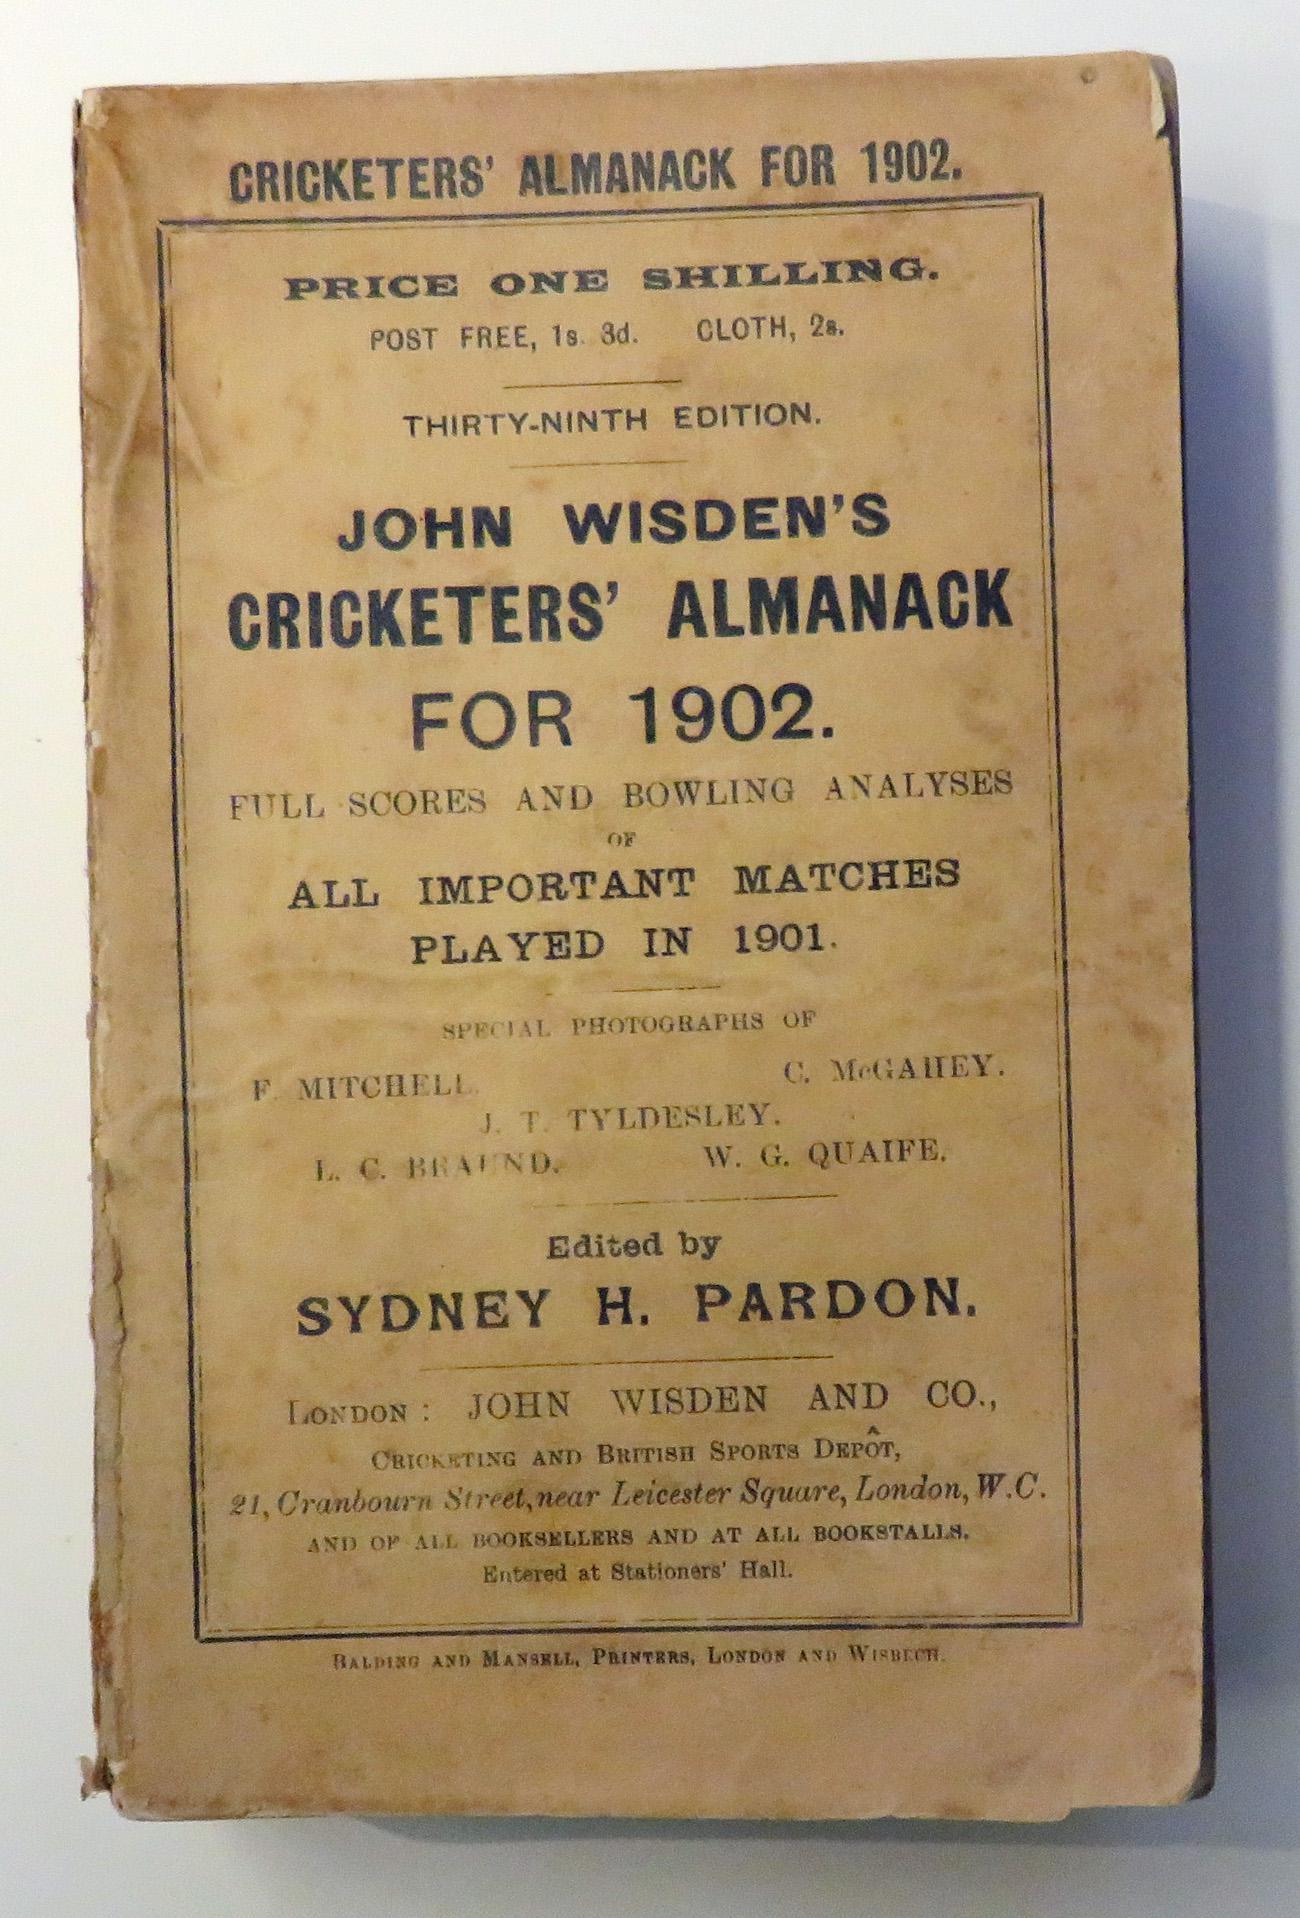 **John Wisden's Cricketers' Almanack For 1902